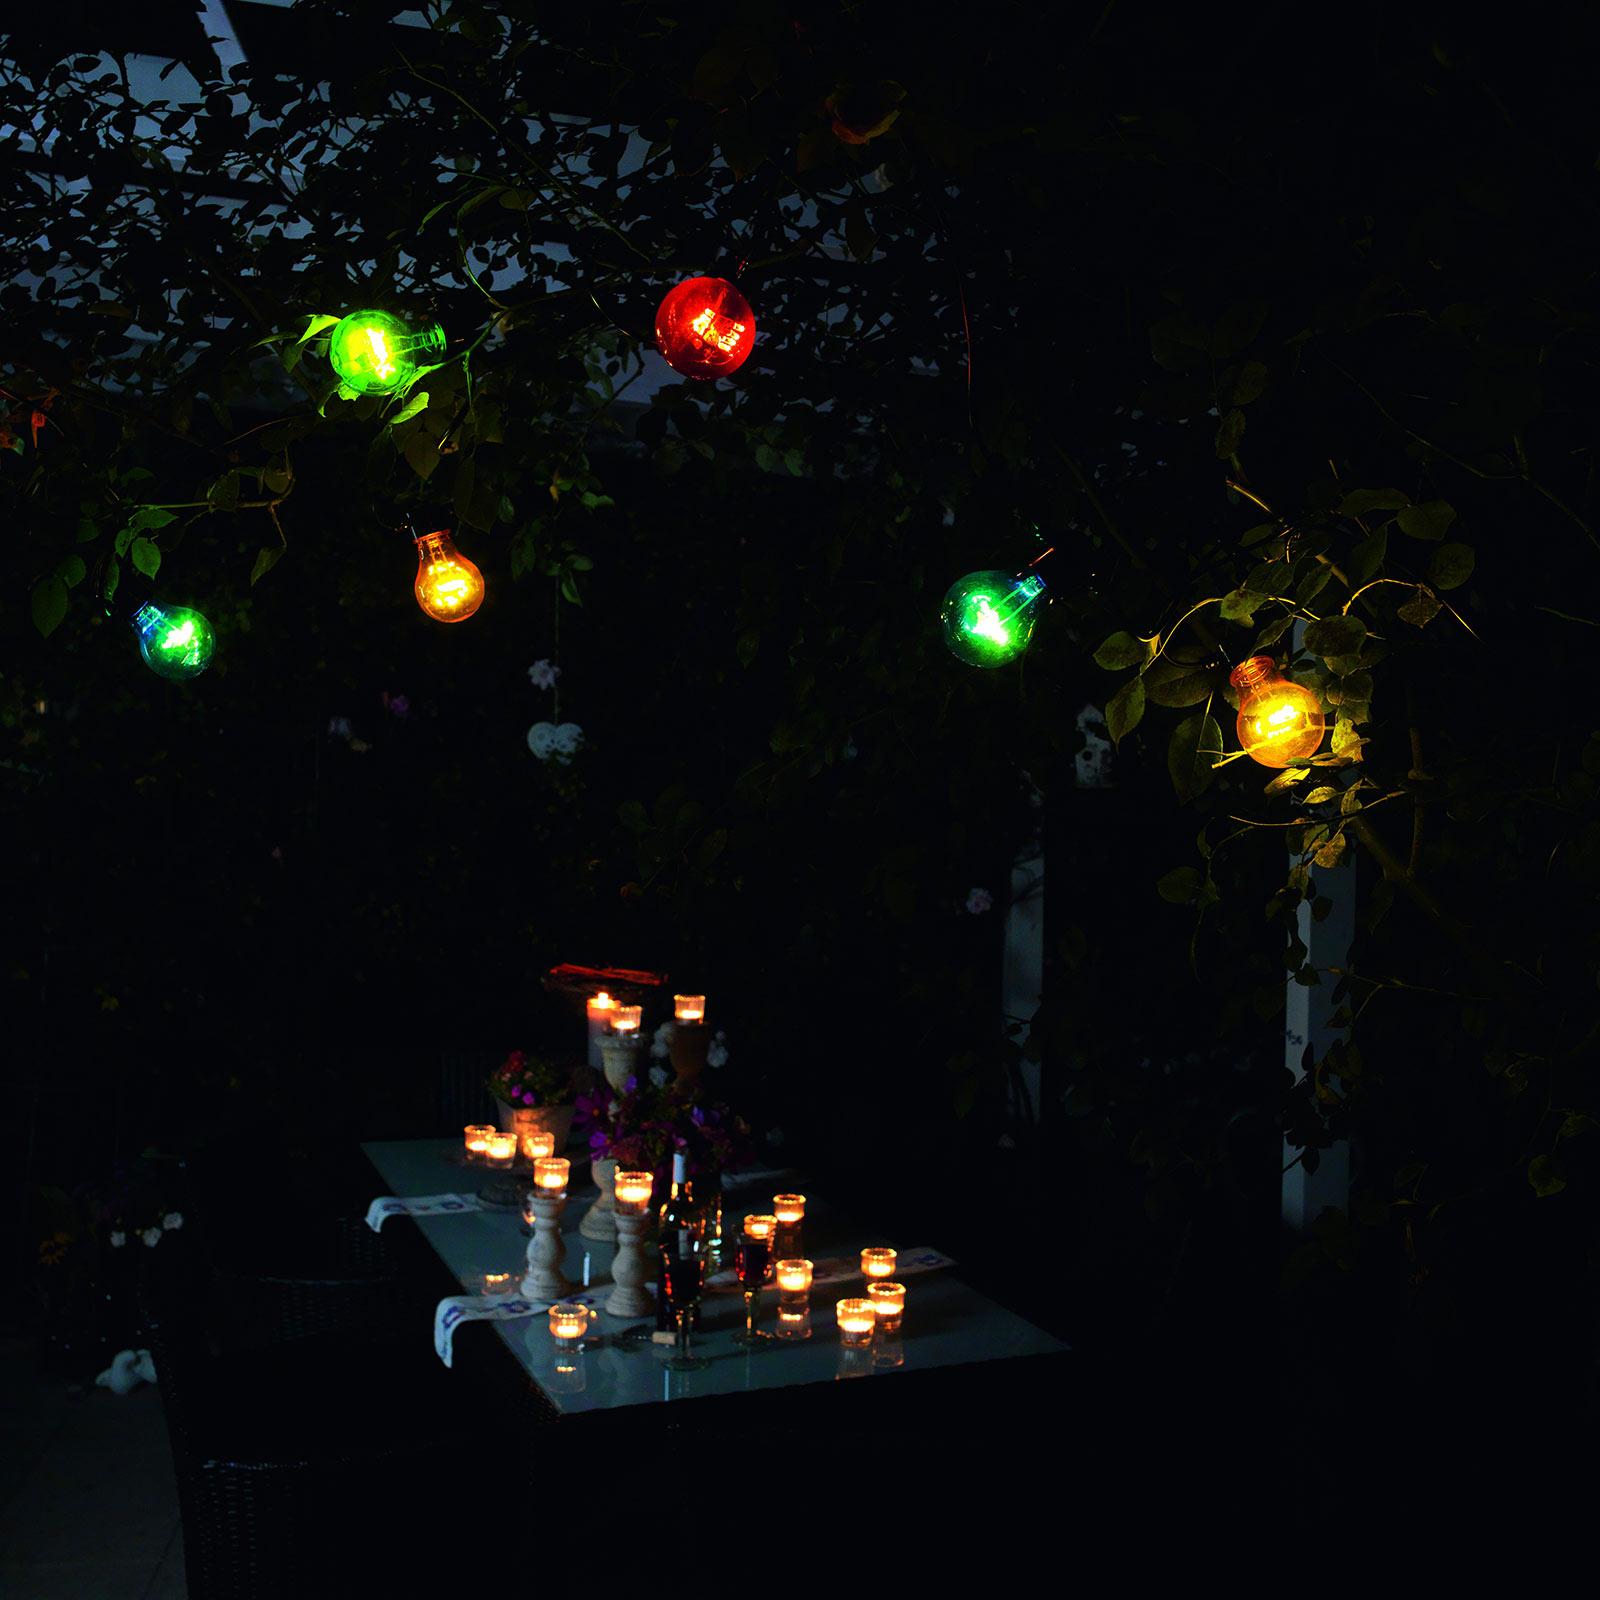 Valoketju Biergarten 10 värikästä LED-lamppua